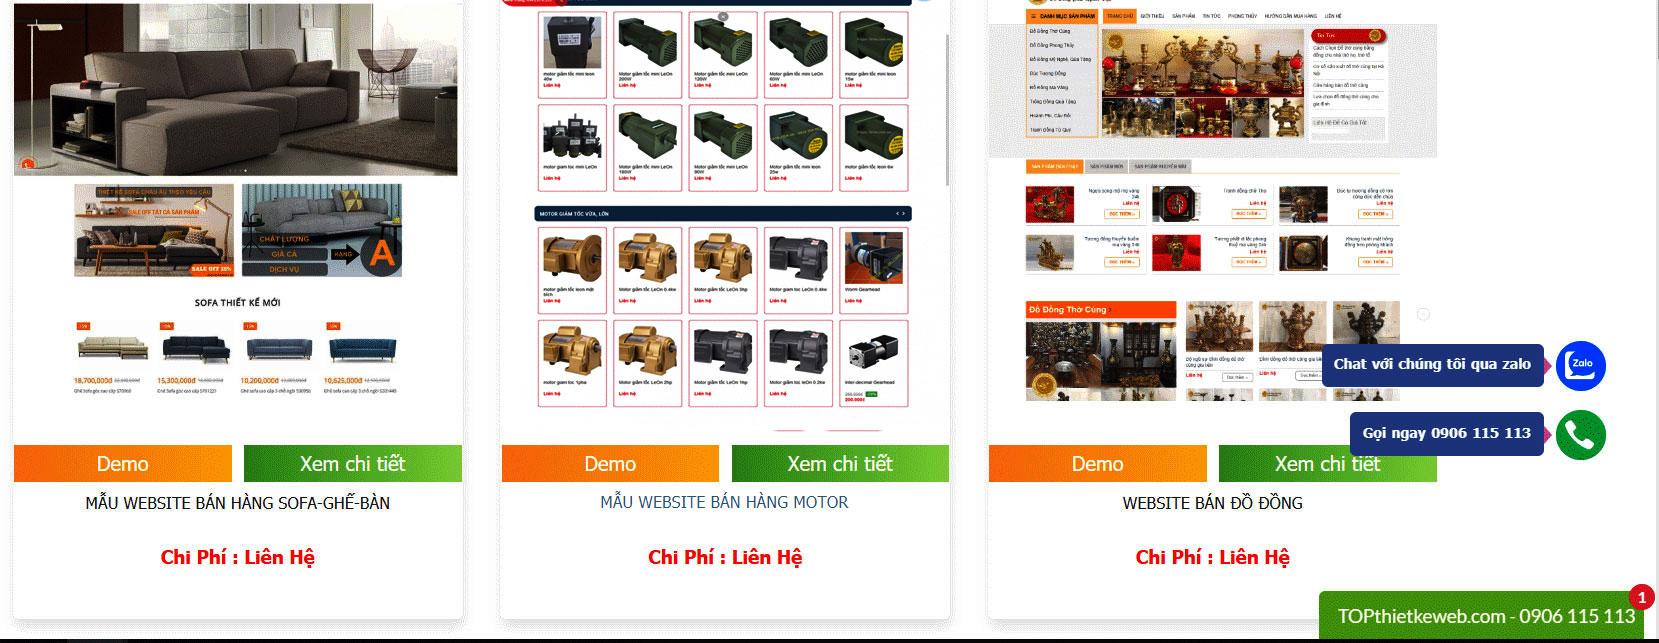 Thiết kế website tại Bình Dương, Thủ Đức TPHCM